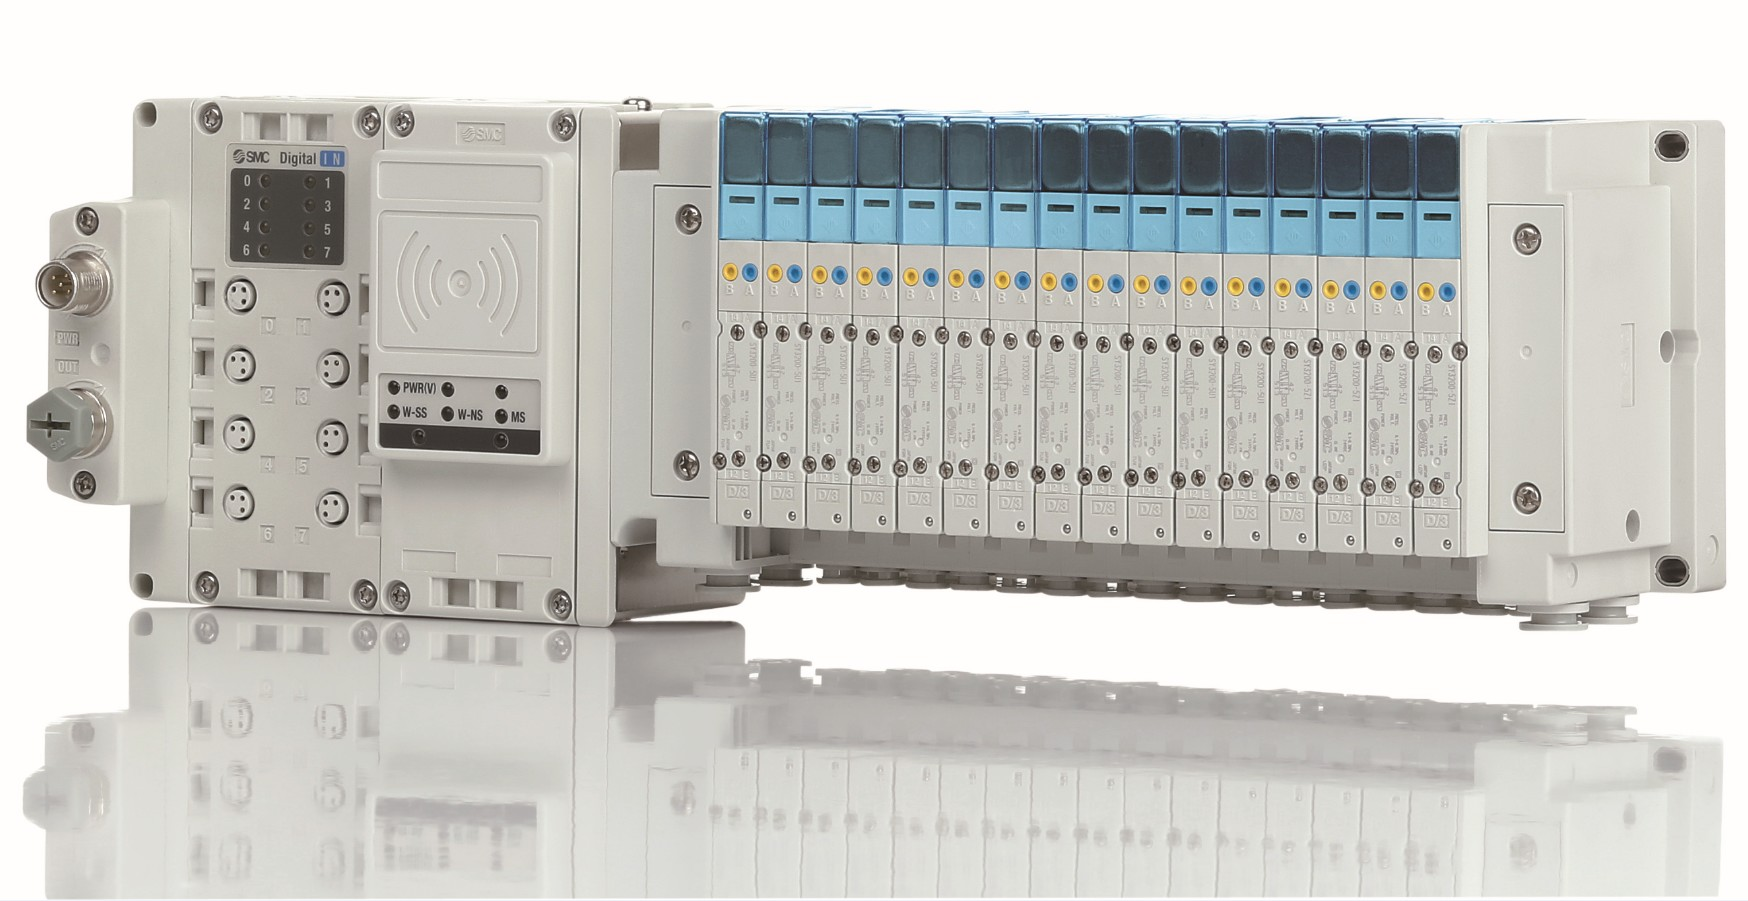 SMC Italia punta sulla comunicazione wireless industriale